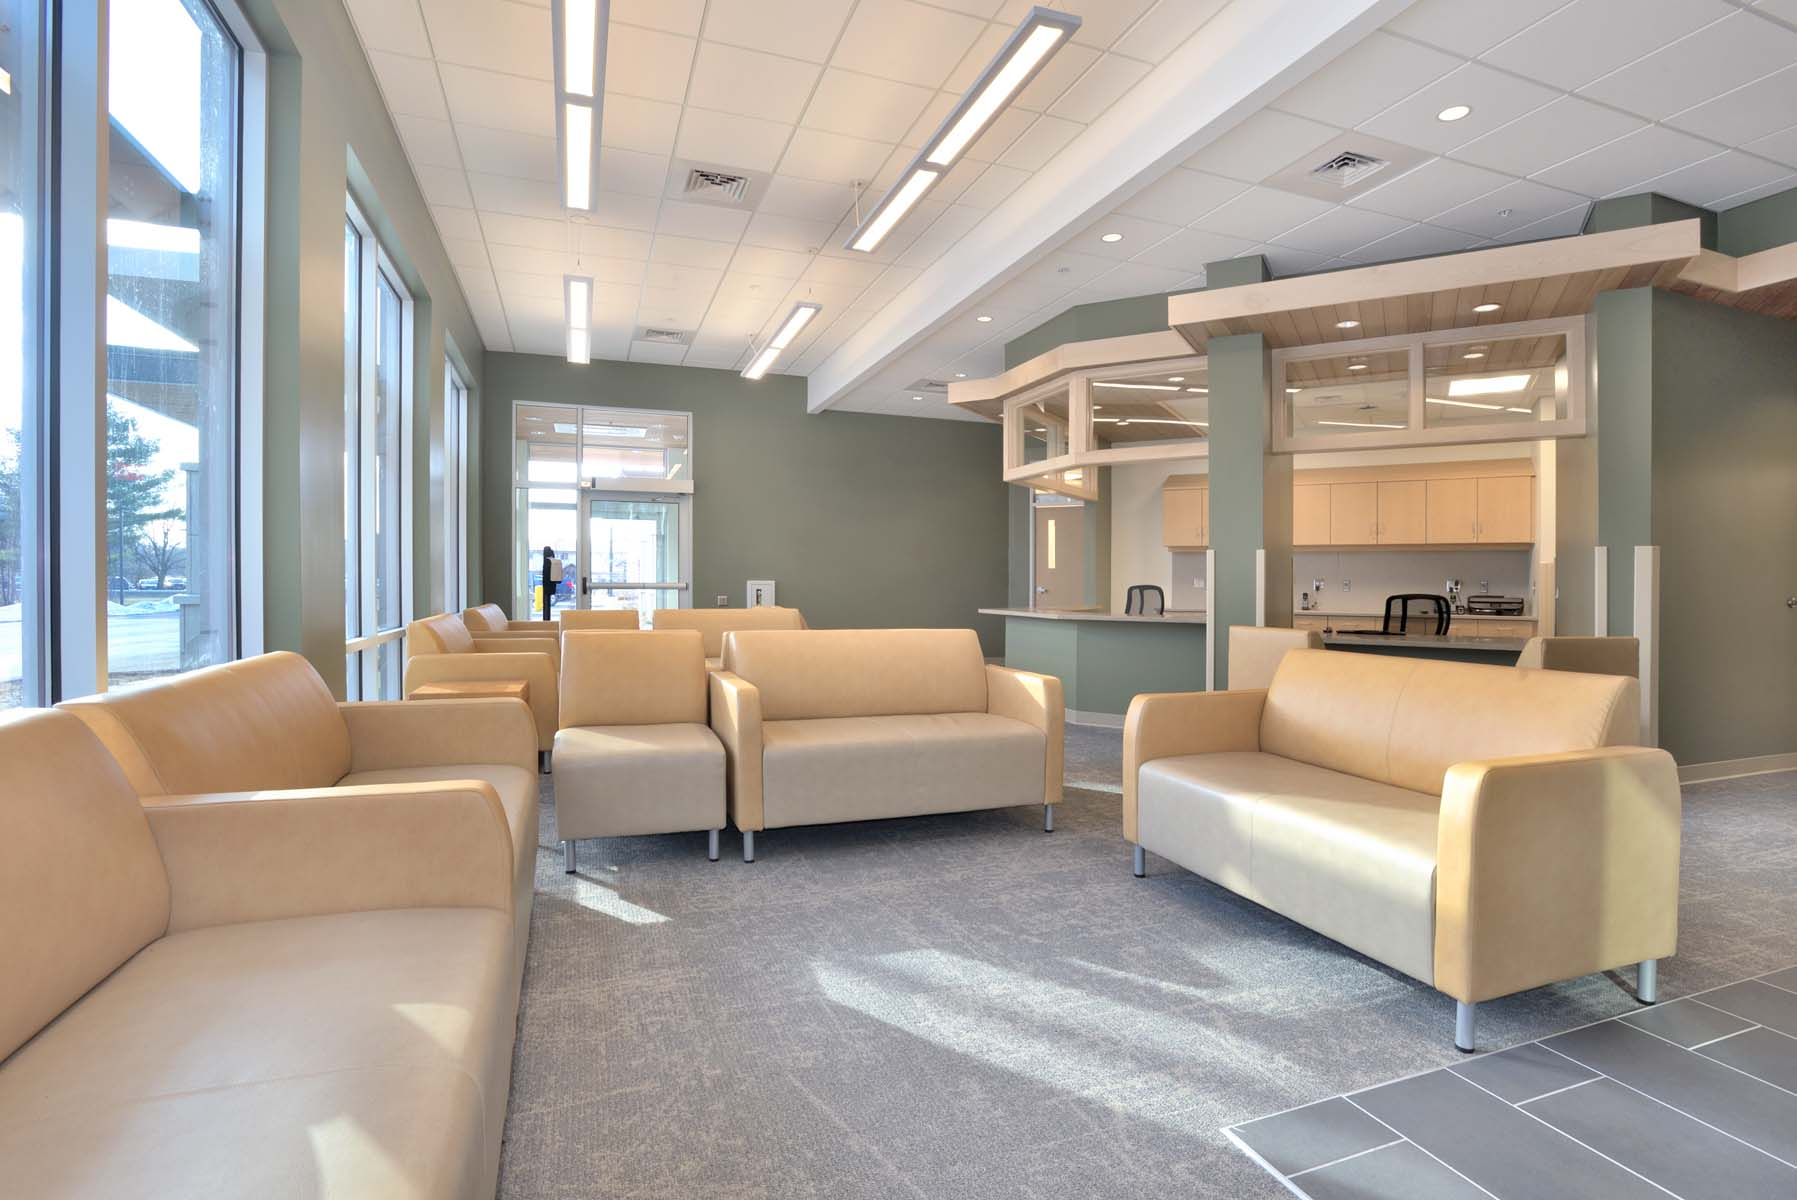 Green Mountain Surgery Center